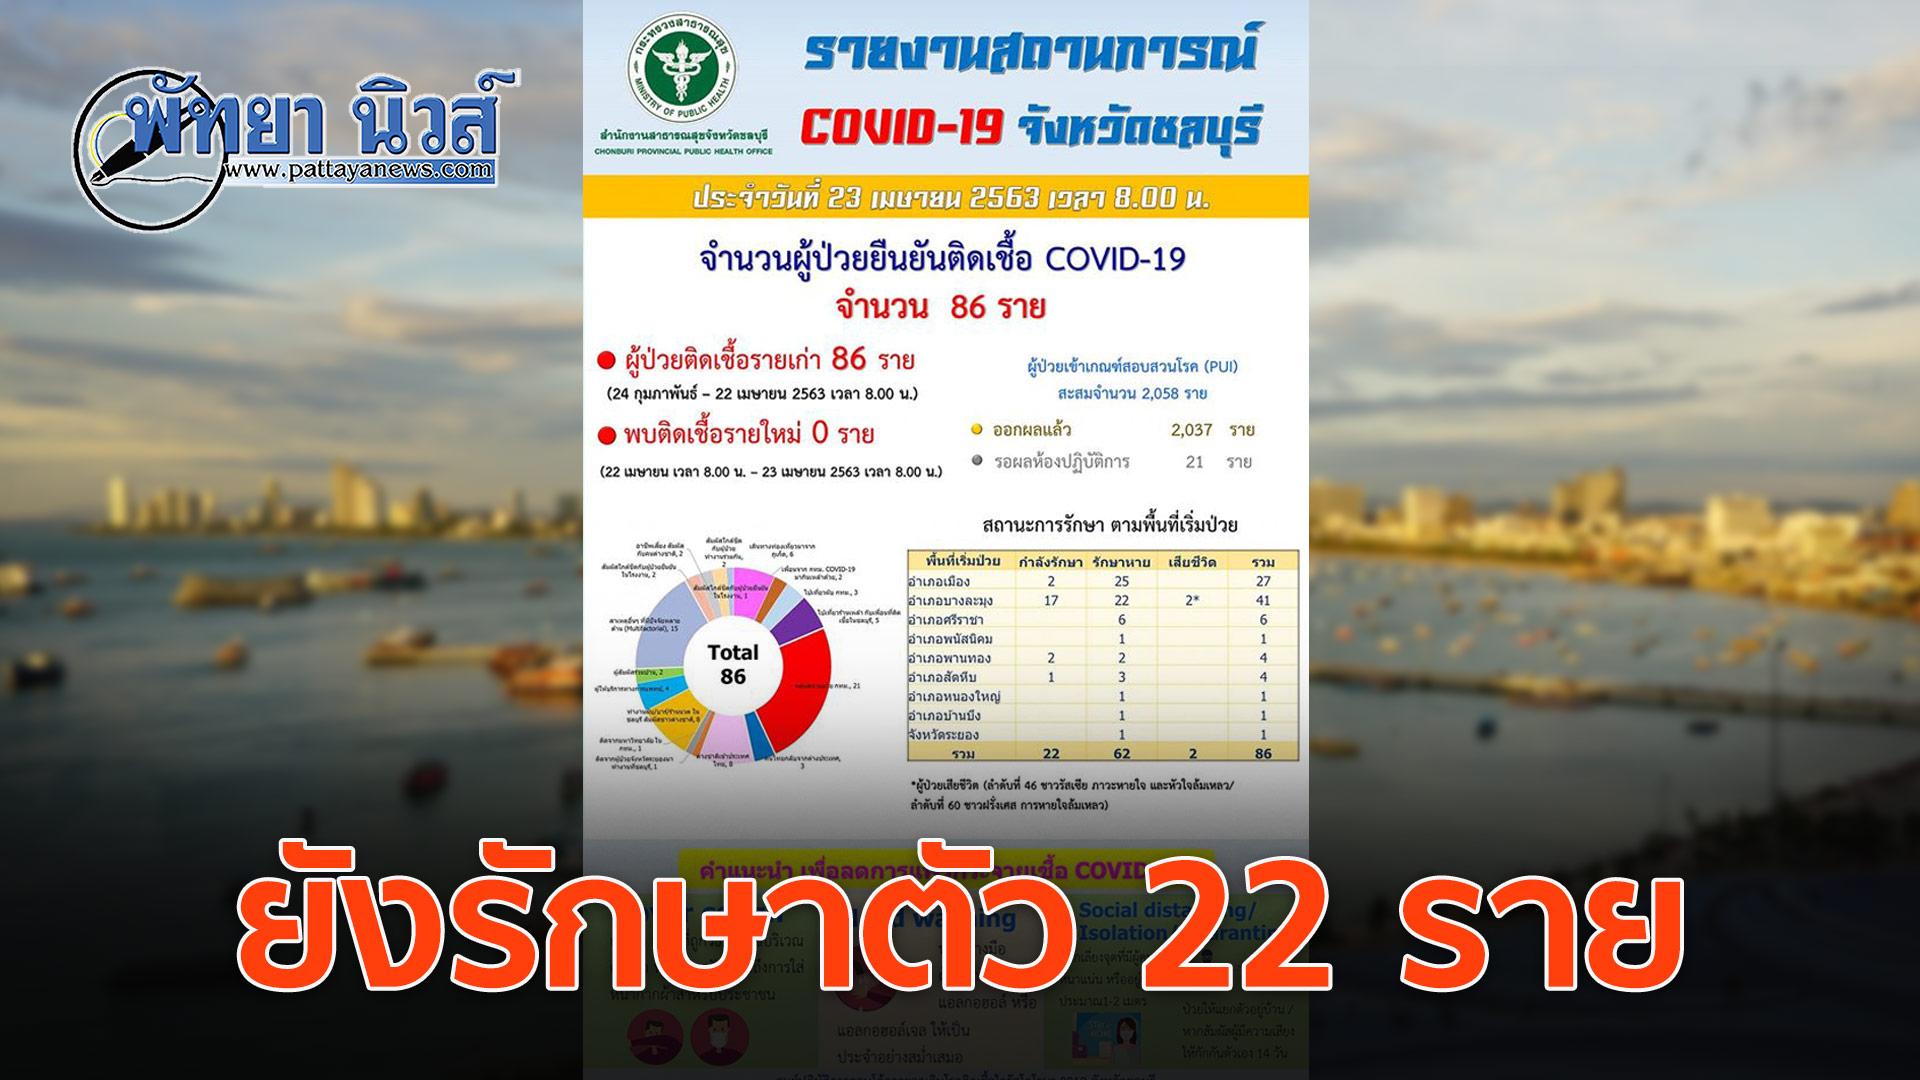 ชลบุรี ไม่พบผู้ติดเชื้อโควิดเพิ่ม รวมสะสมเท่าเดิม 86 ราย